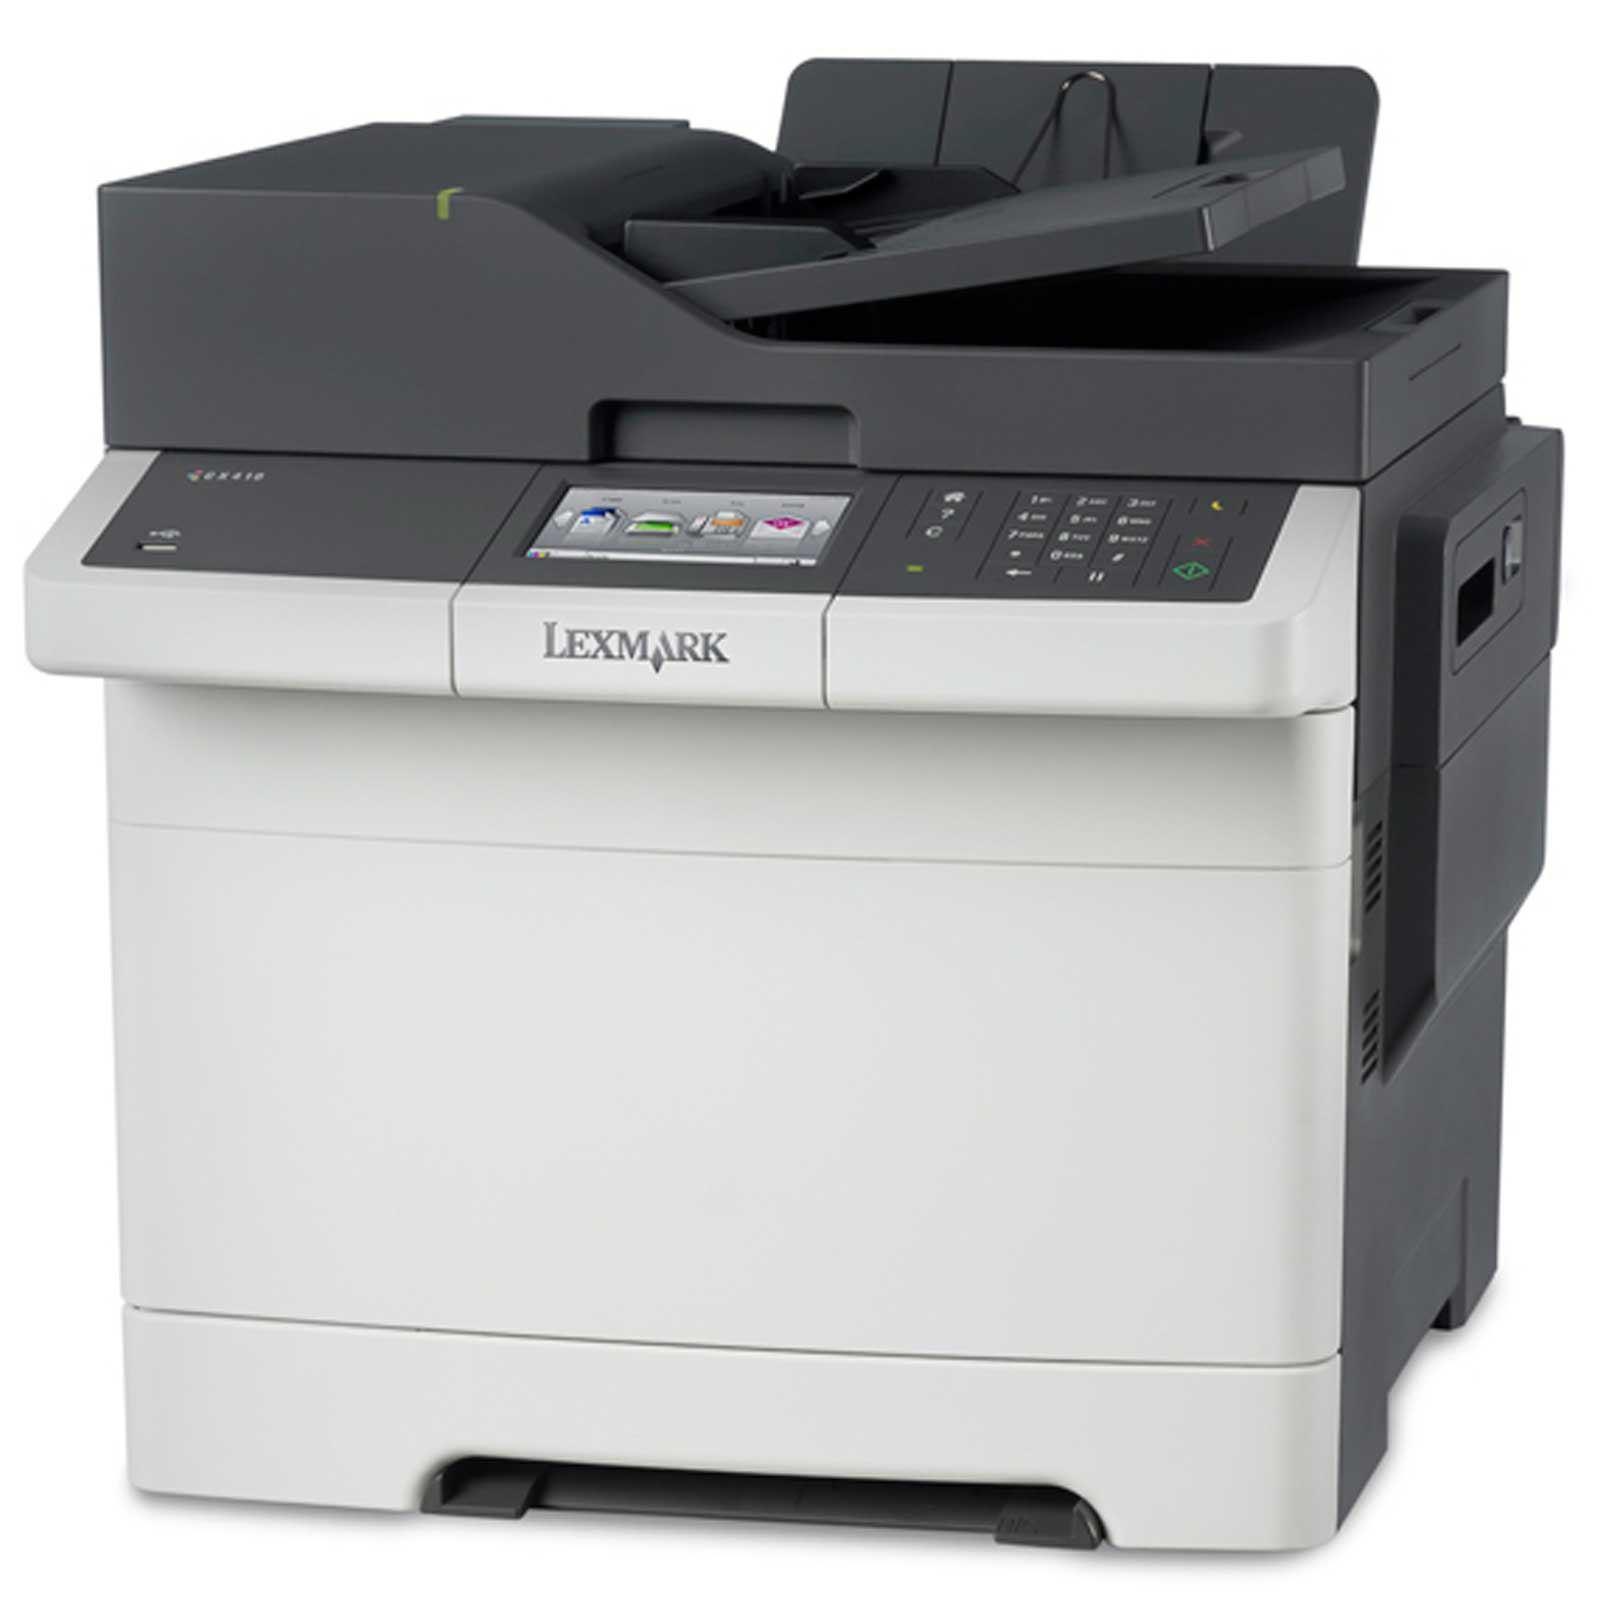 LEXMARK multifunkční tiskárna MFP CX410de A4 COLOR LASER, 30ppm, 512MB,USB,LAN, duplex, dotykový LCD